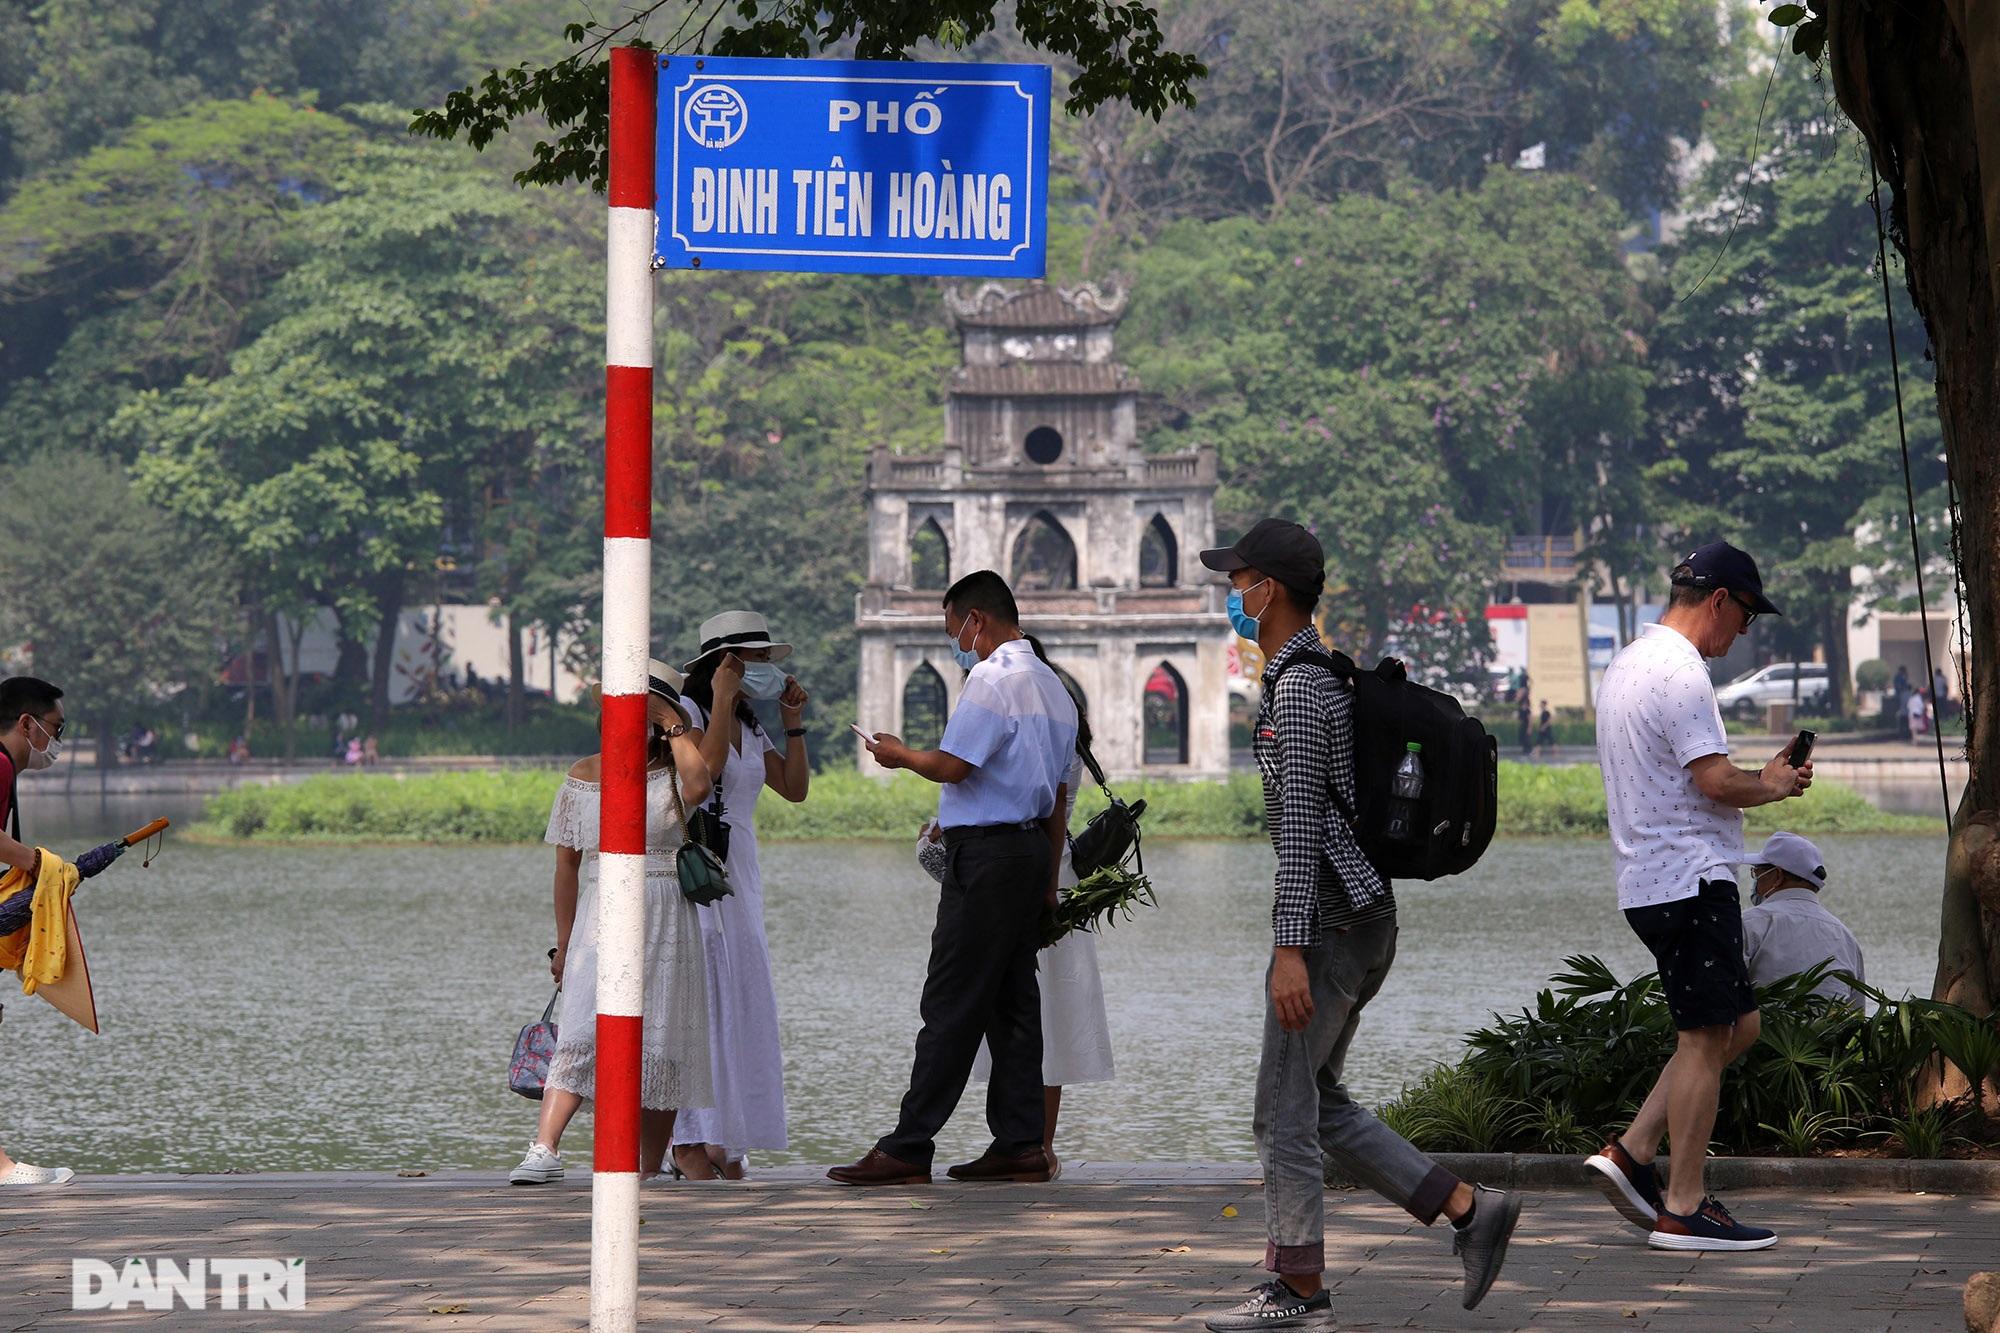 Mặc dù lo ngại dịch Covid-19, nhiều điểm vui chơi ở Hà Nội vẫn đông khách - 5